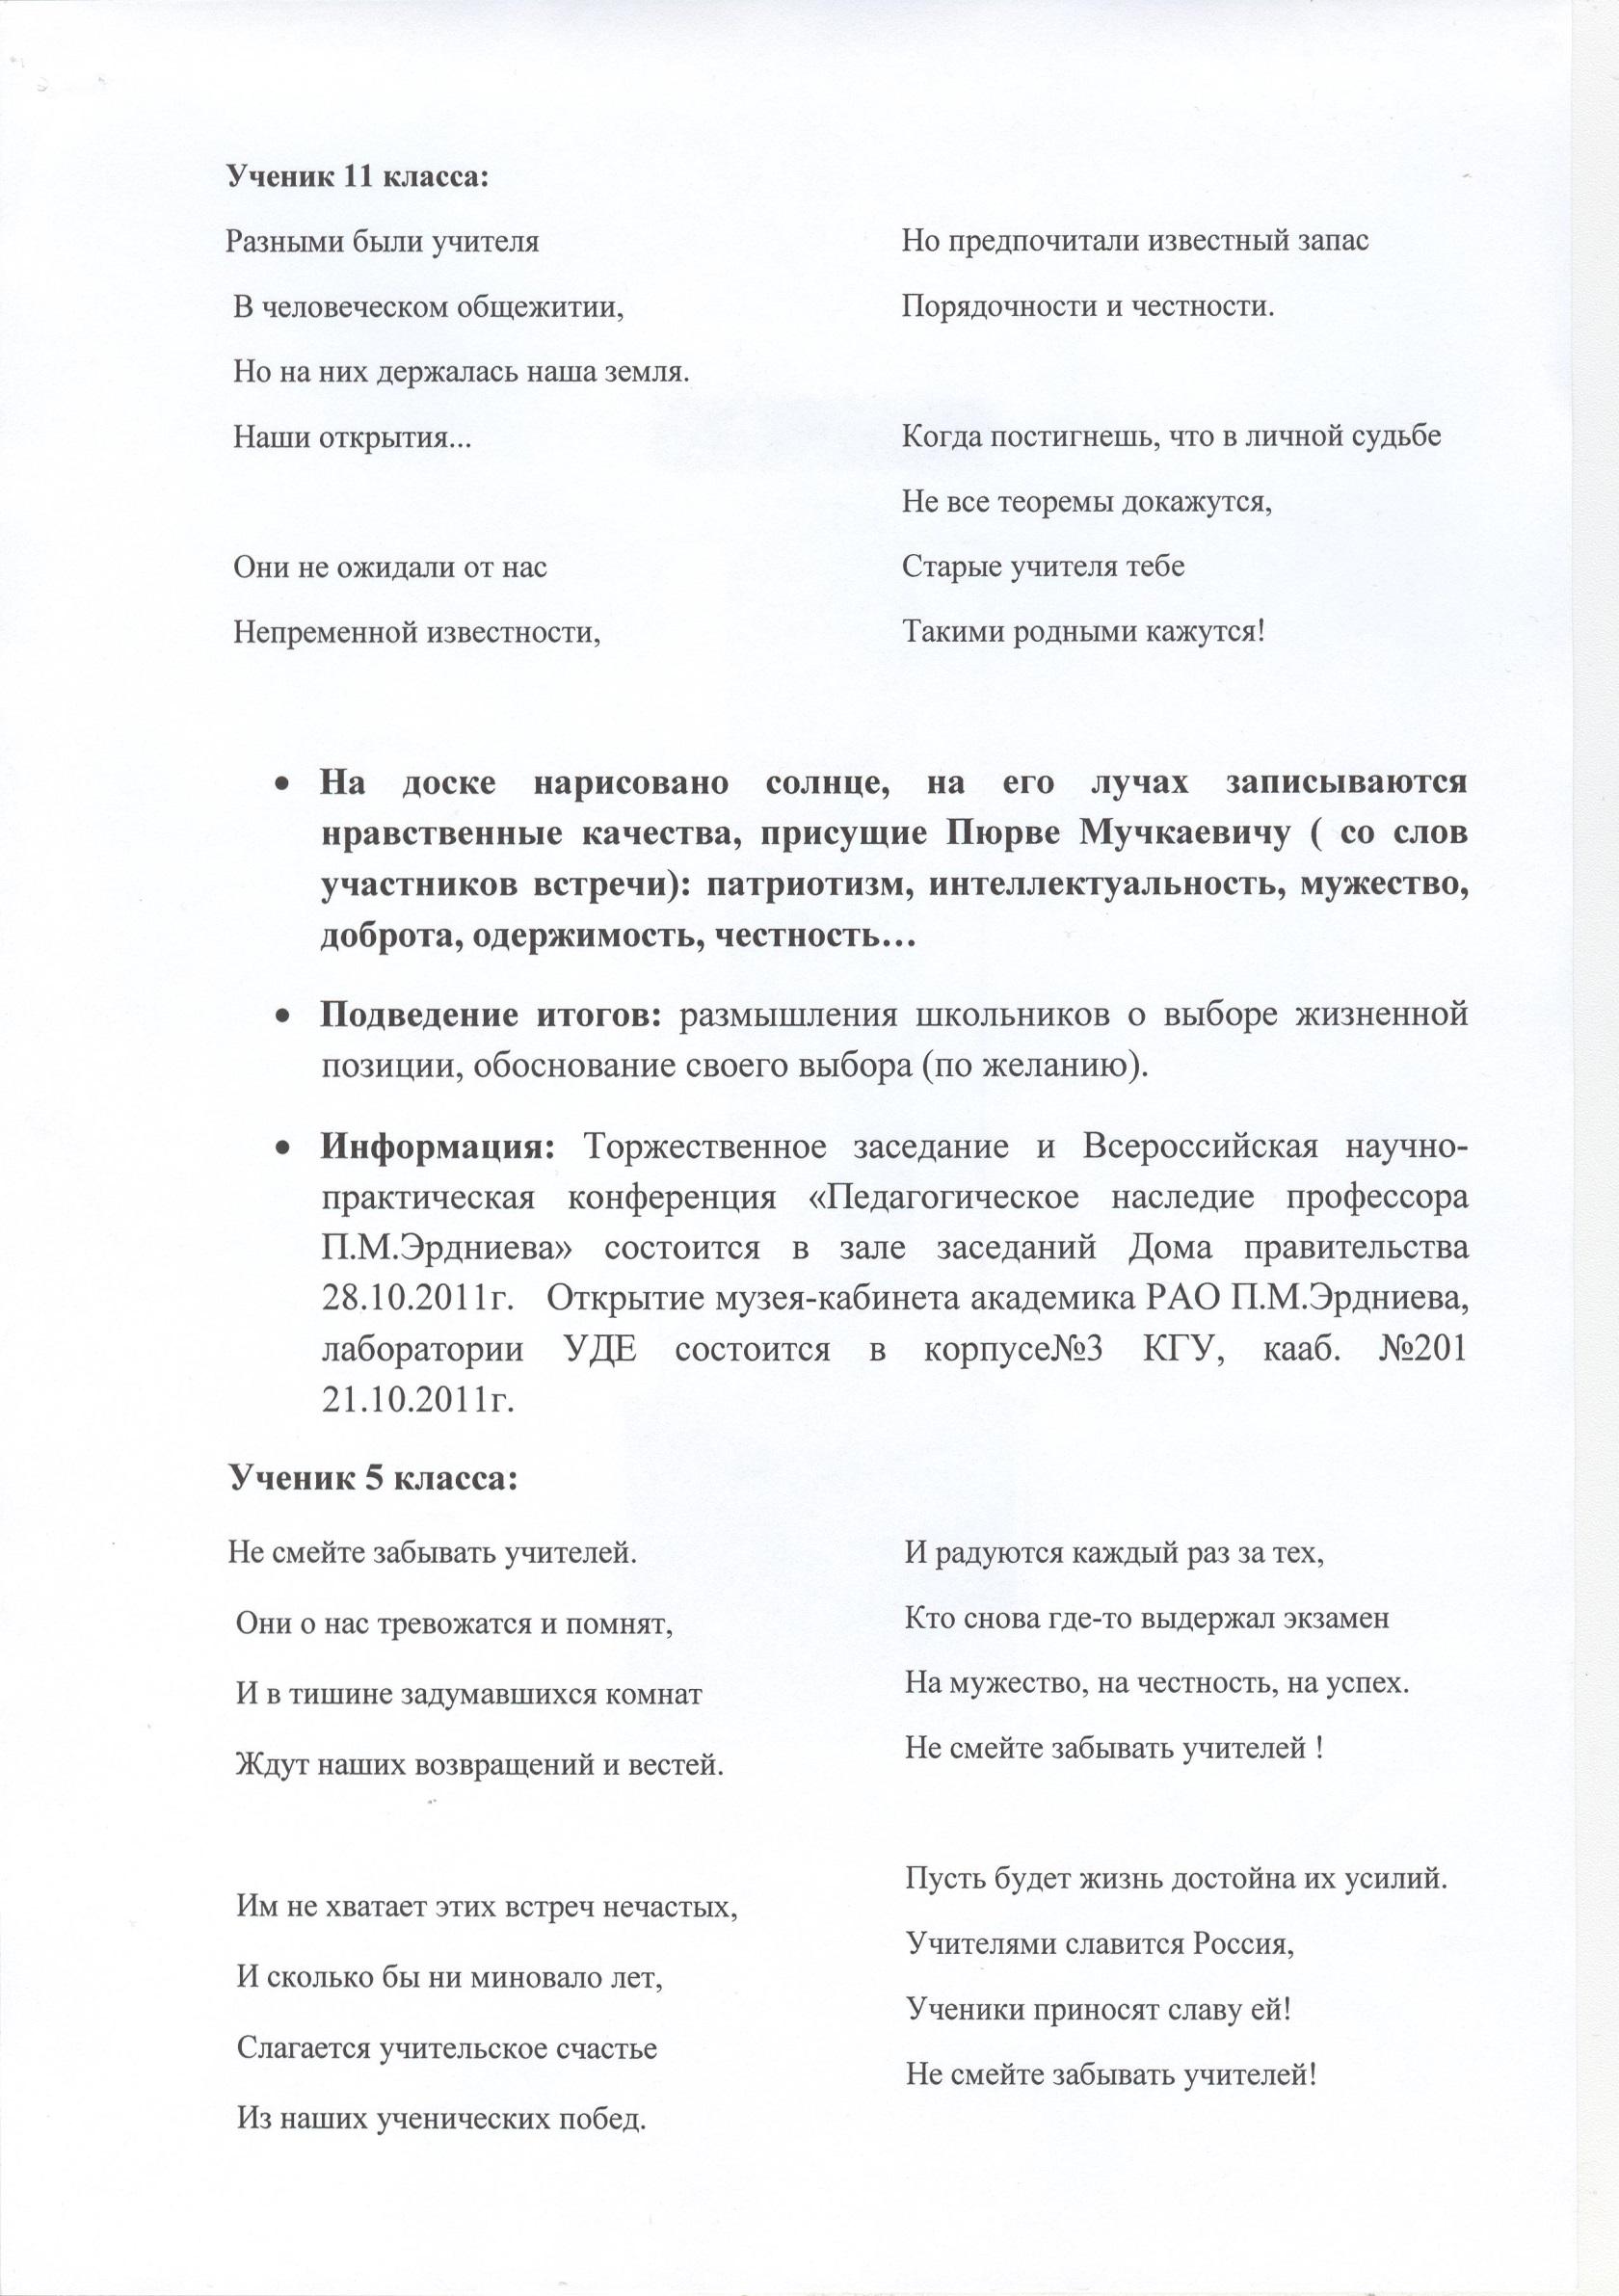 C:\Users\777\Сканированные документы\урок\урок 009.jpg